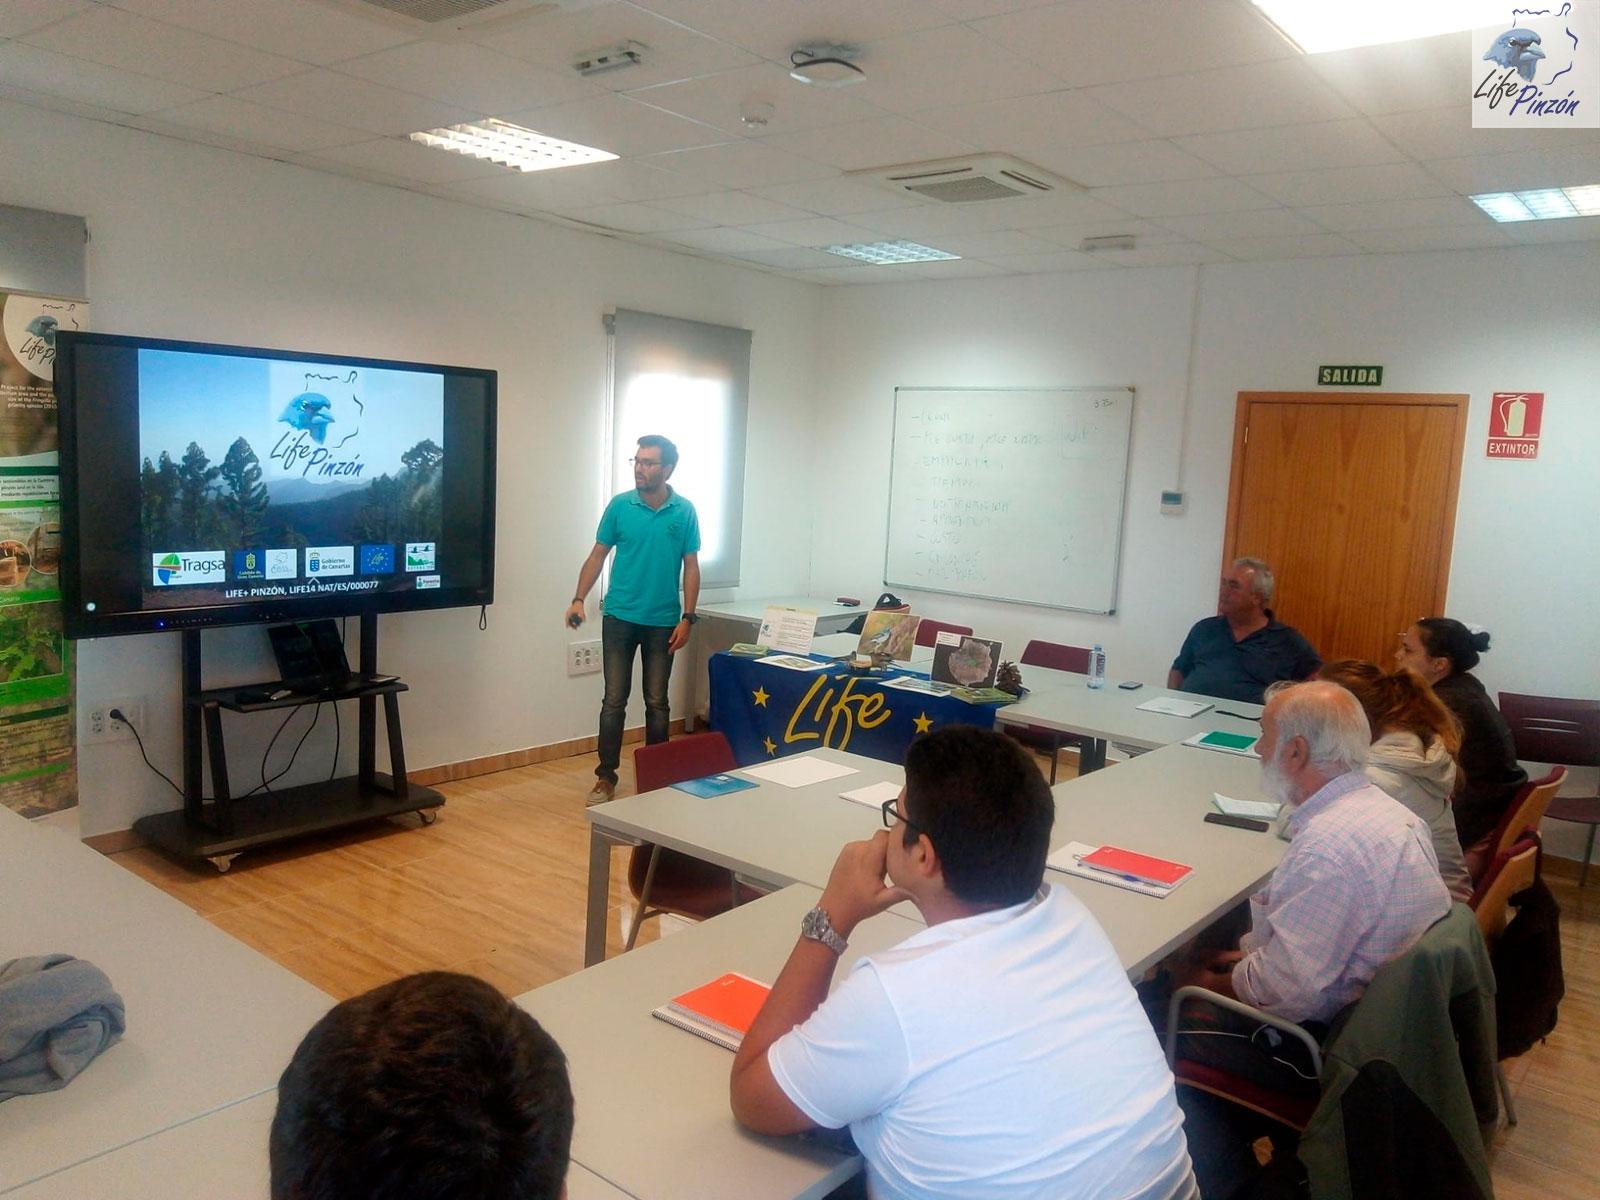 La Escuela de Ganadería y Pastoreo del Cabildo de Gran Canaria recibe al proyecto LIFE+ Pinzón18 Noviembre 2019